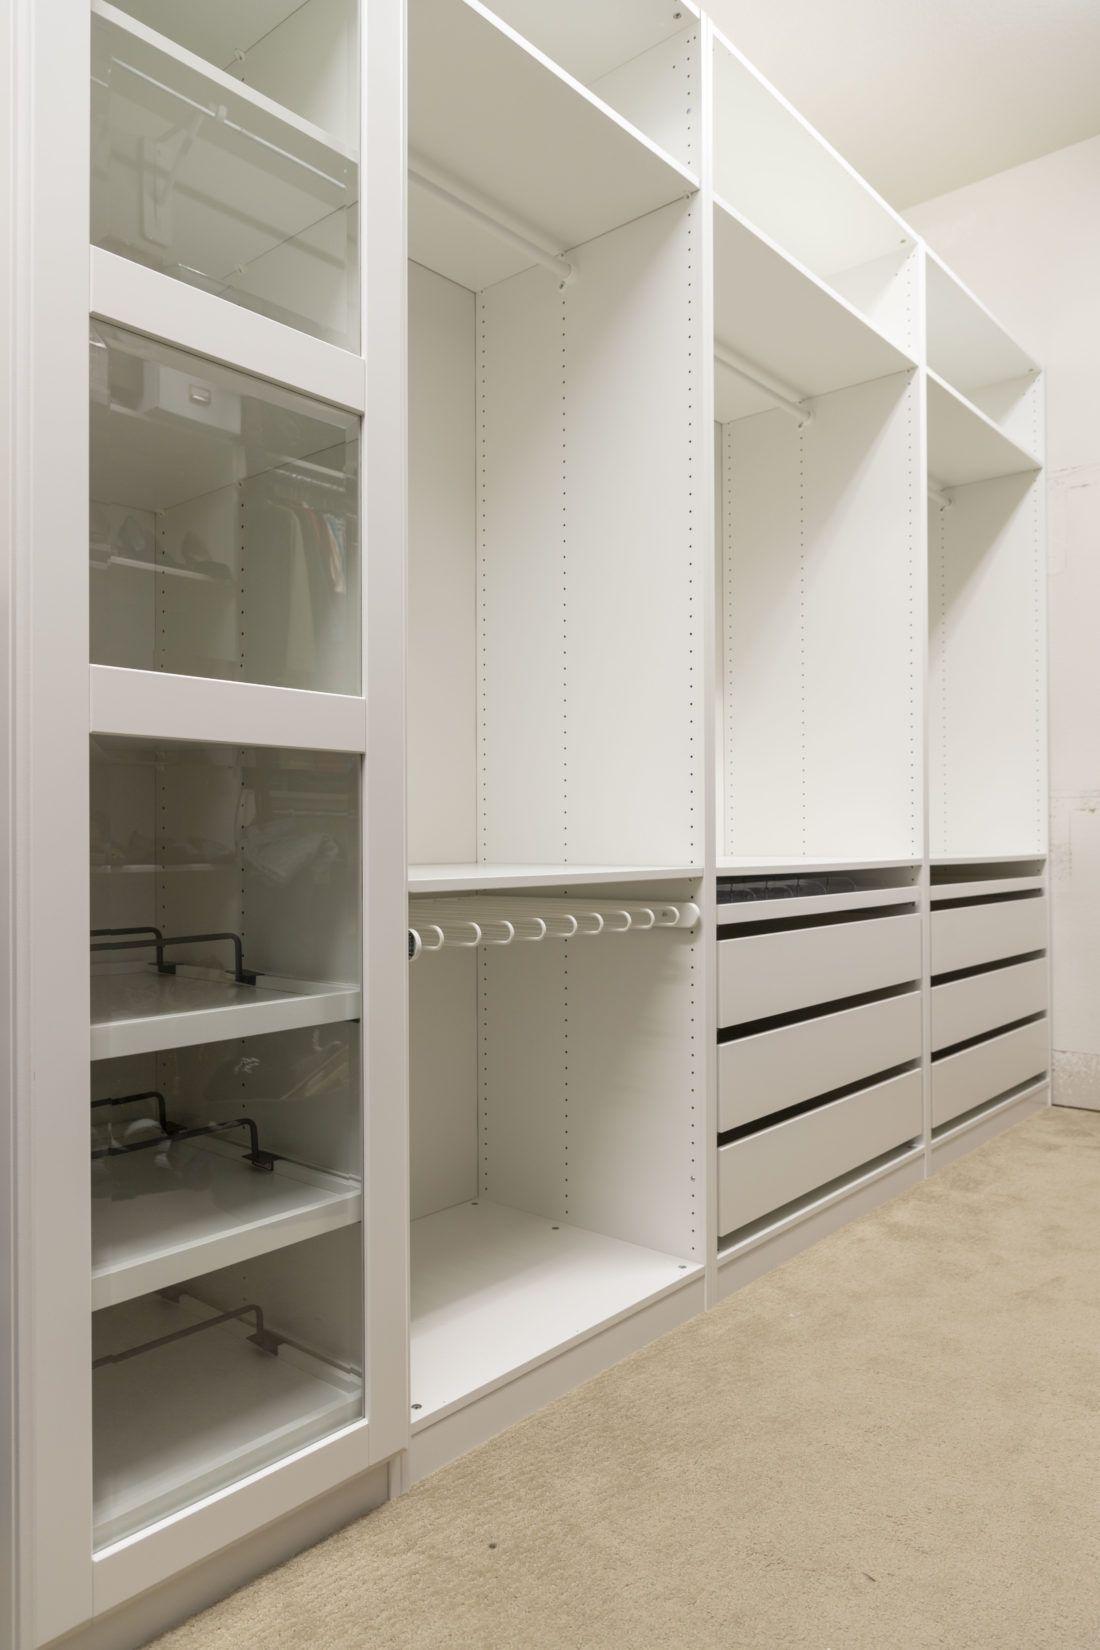 Ikea Closet Progress Verruckt Wunderbar In 2020 Einen Kleiderschrank Bauen Schrankentwurf Ankleide Zimmer